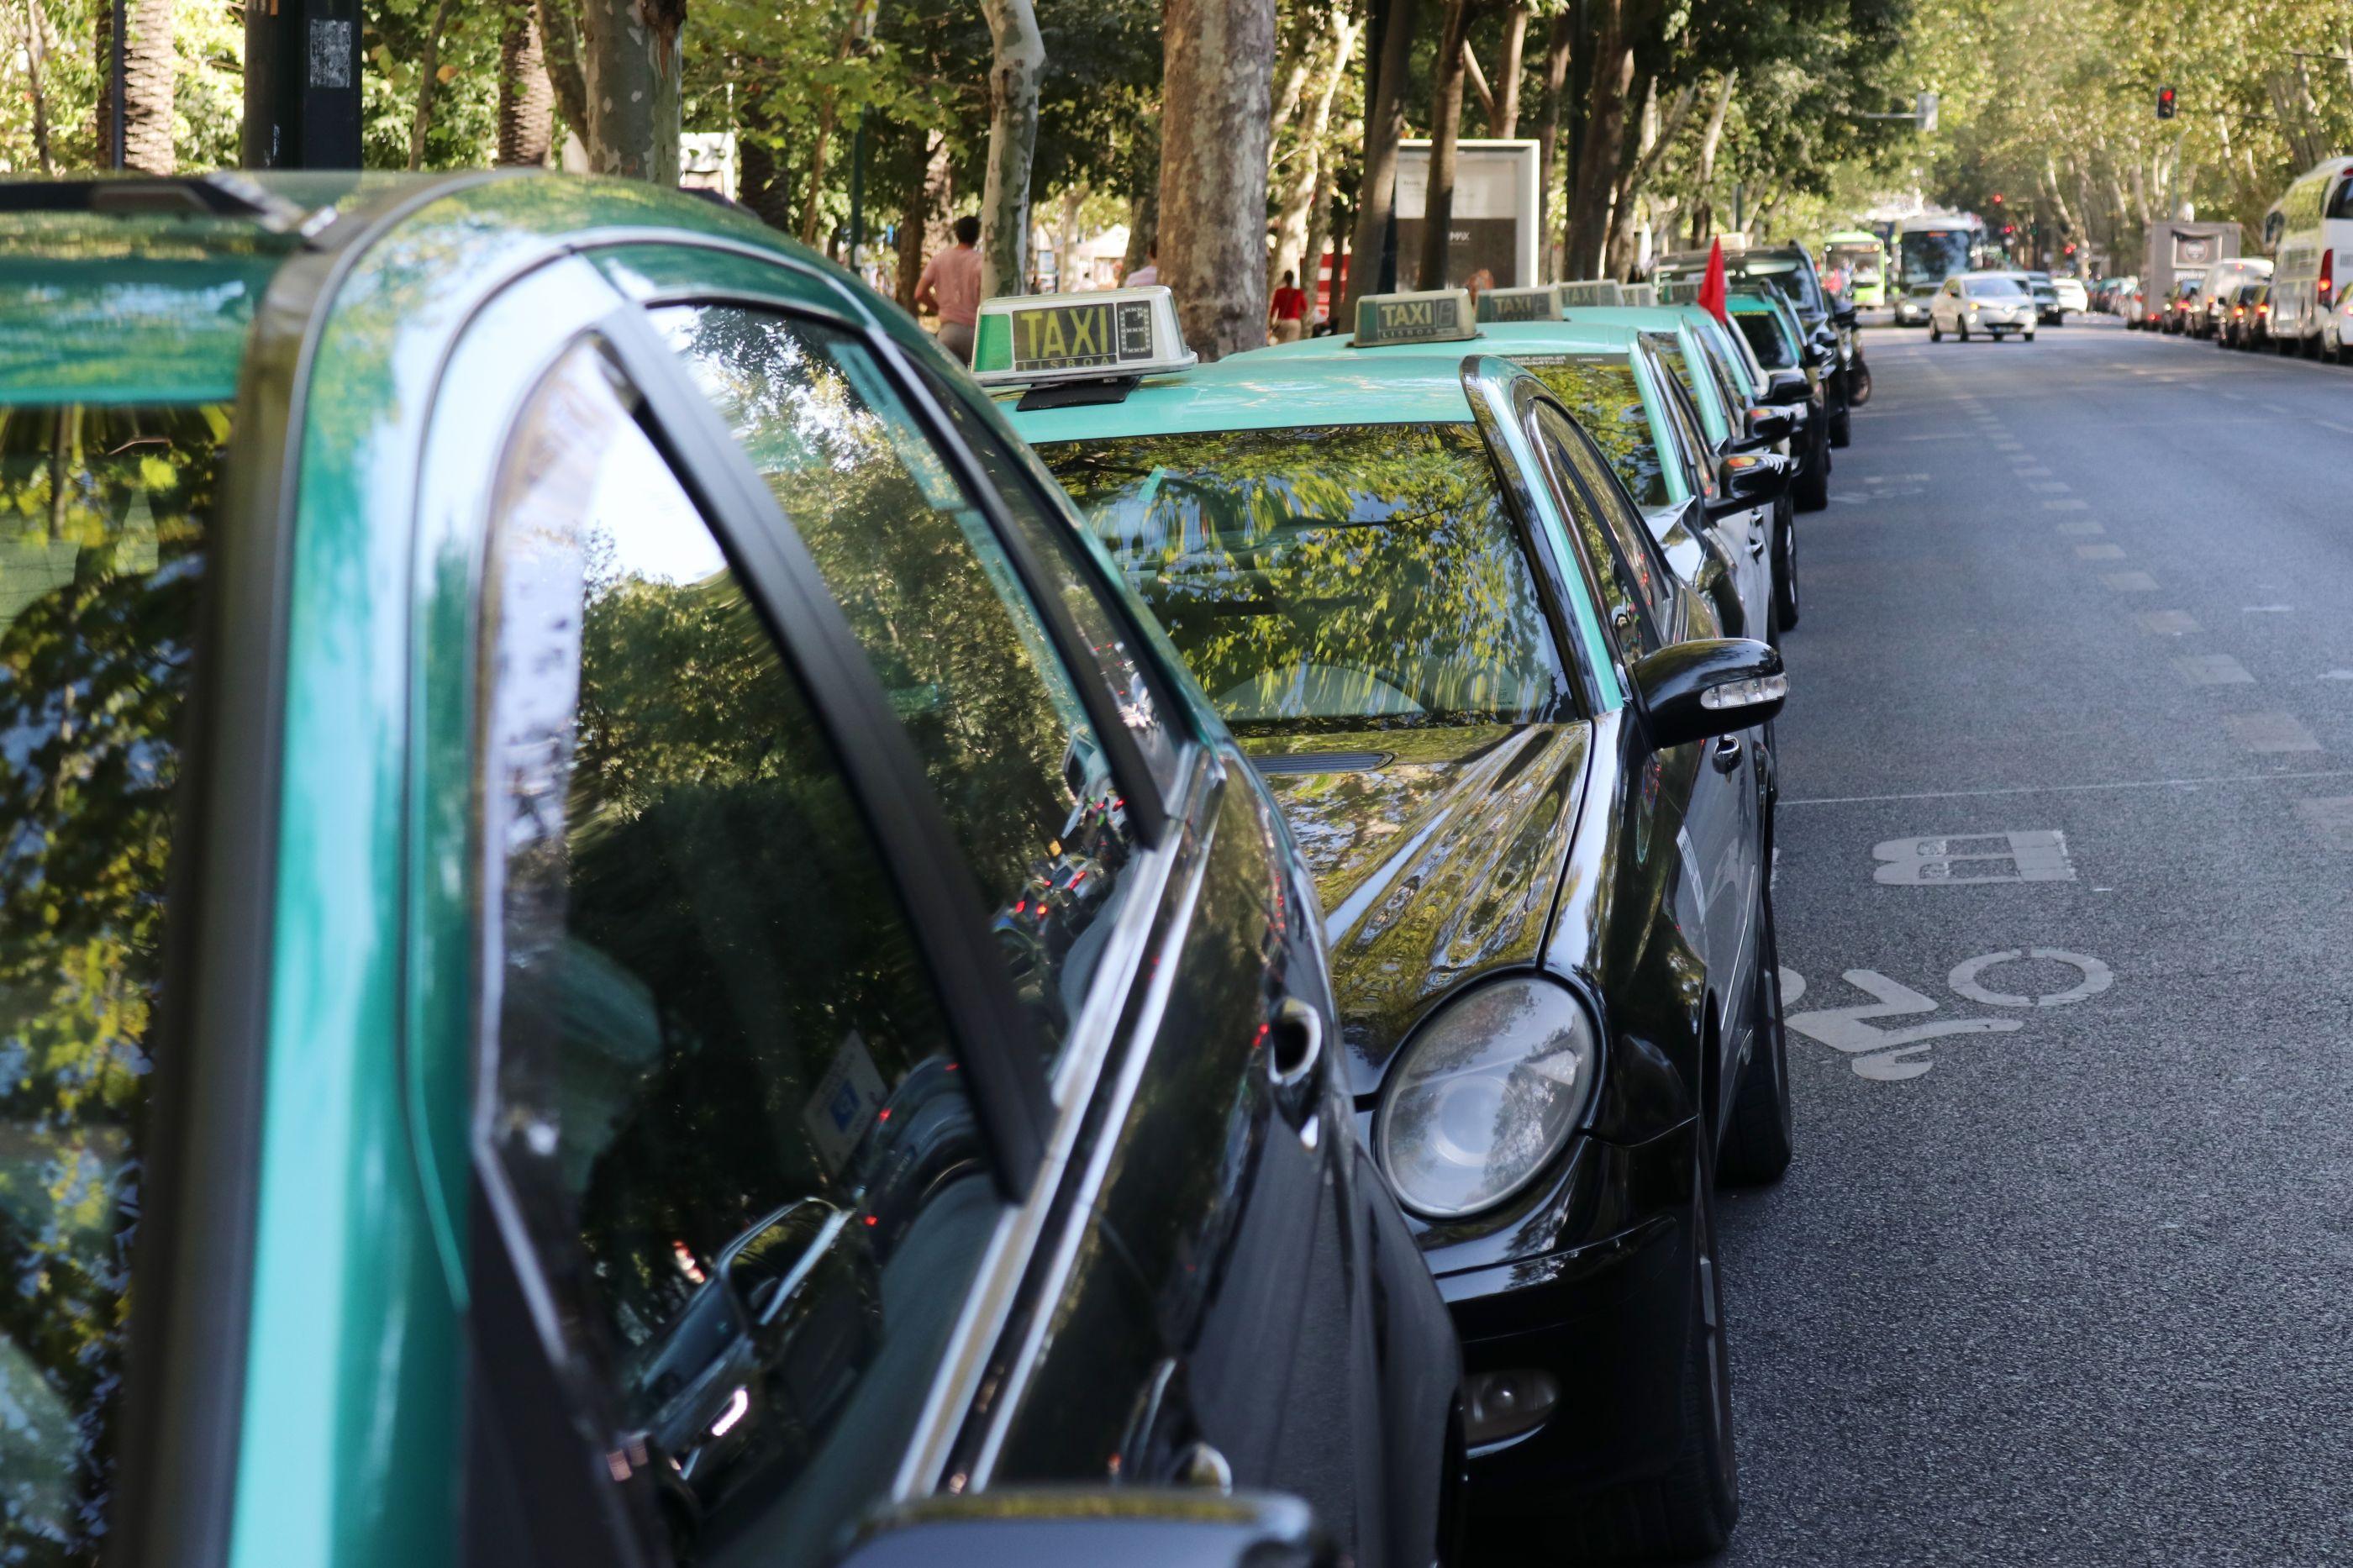 Ministério Público acusou dois suspeitos de assaltos a taxistas em Sintra